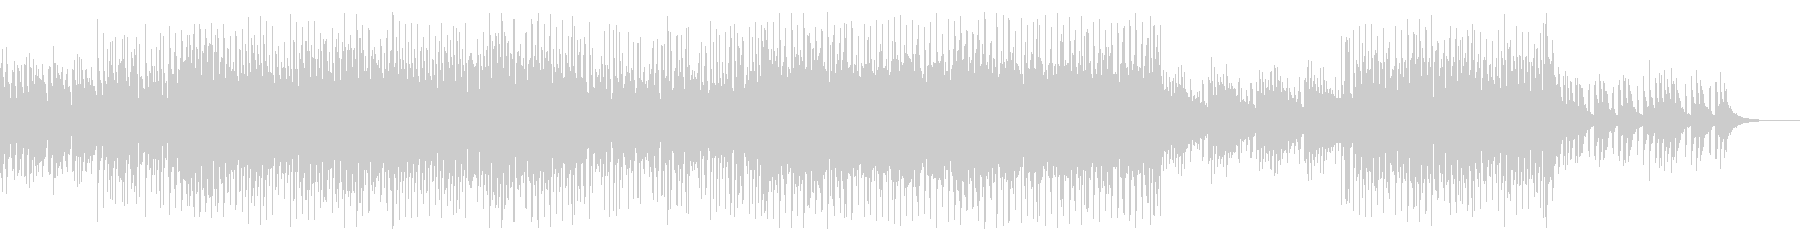 明るく楽しい4つ打ちシンセポップの未再生の波形